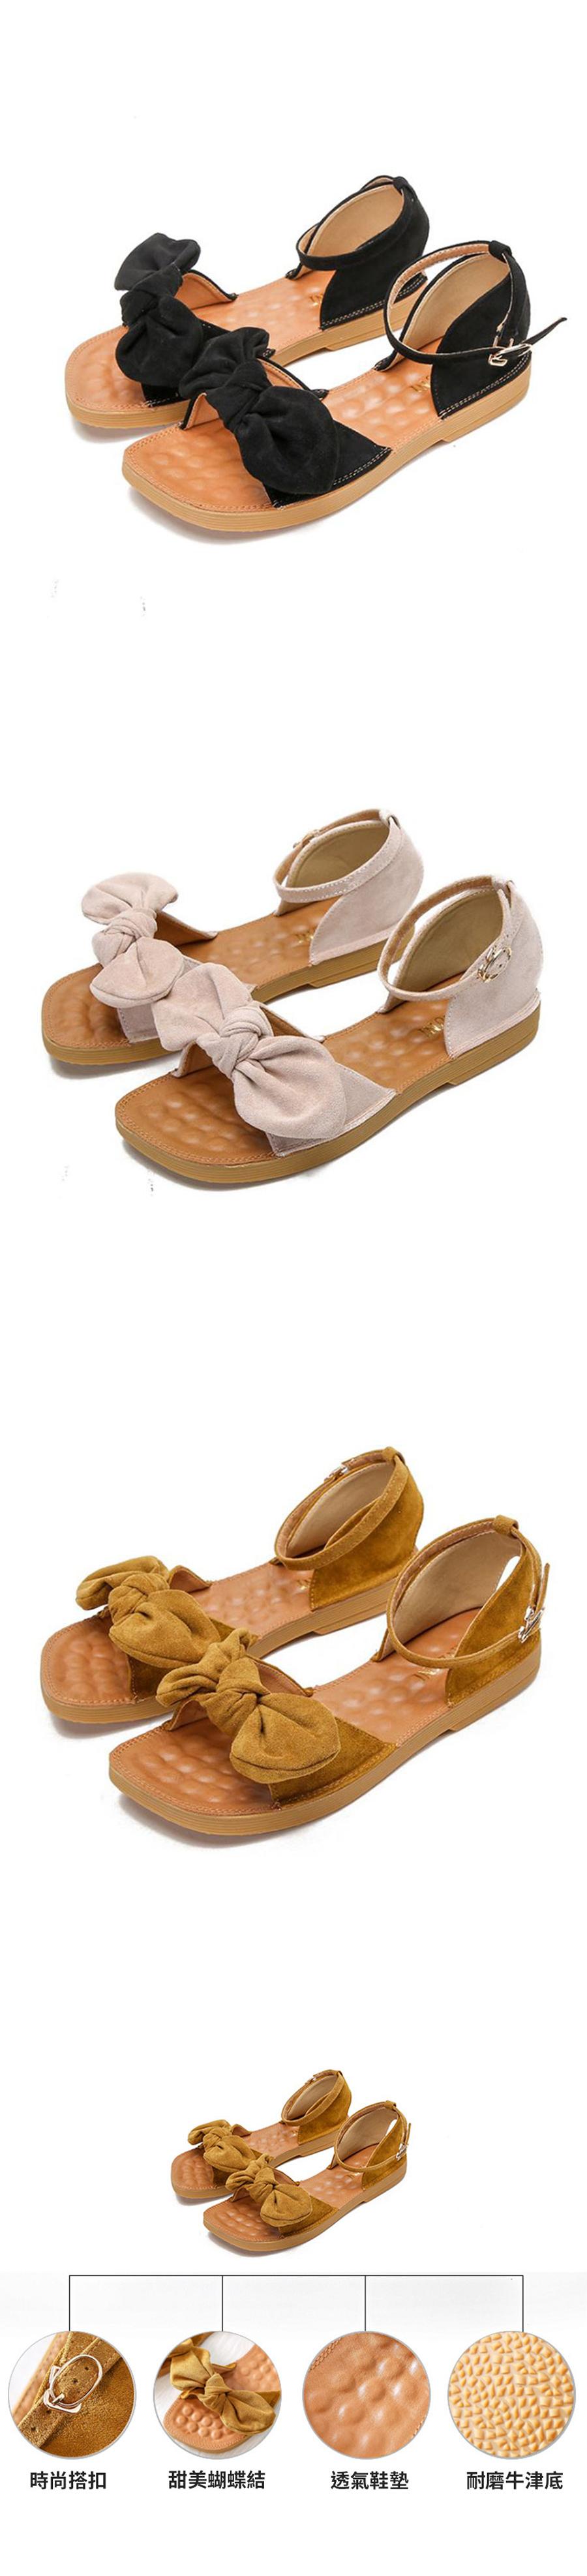 舒適感一字蝴蝶結涼鞋.有大碼.3色